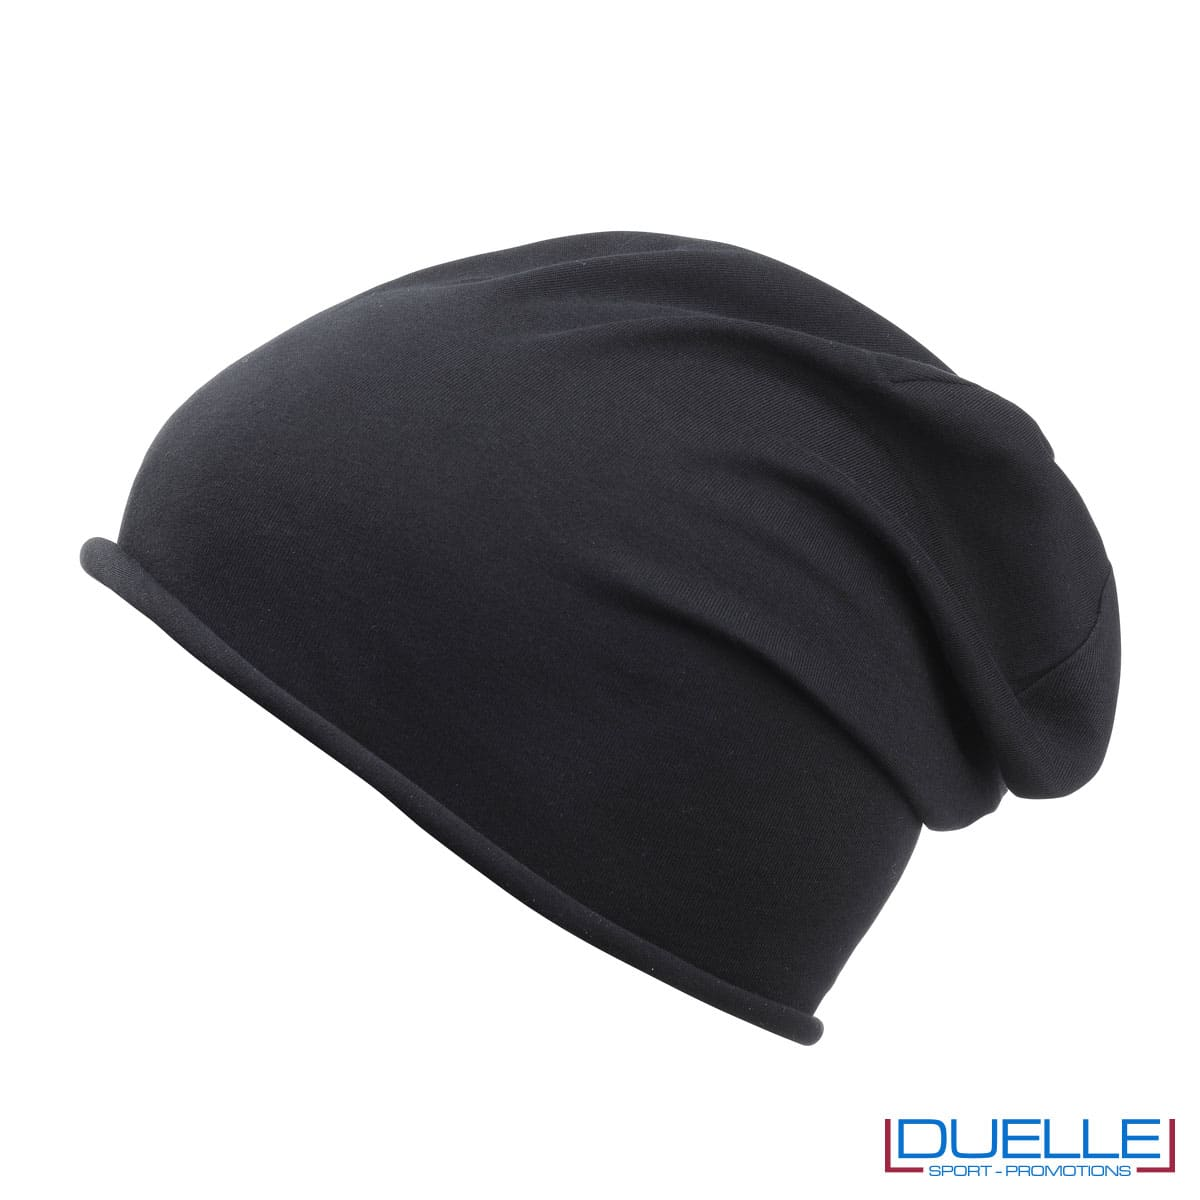 Cuffia cotone organico colore nero personalizzata